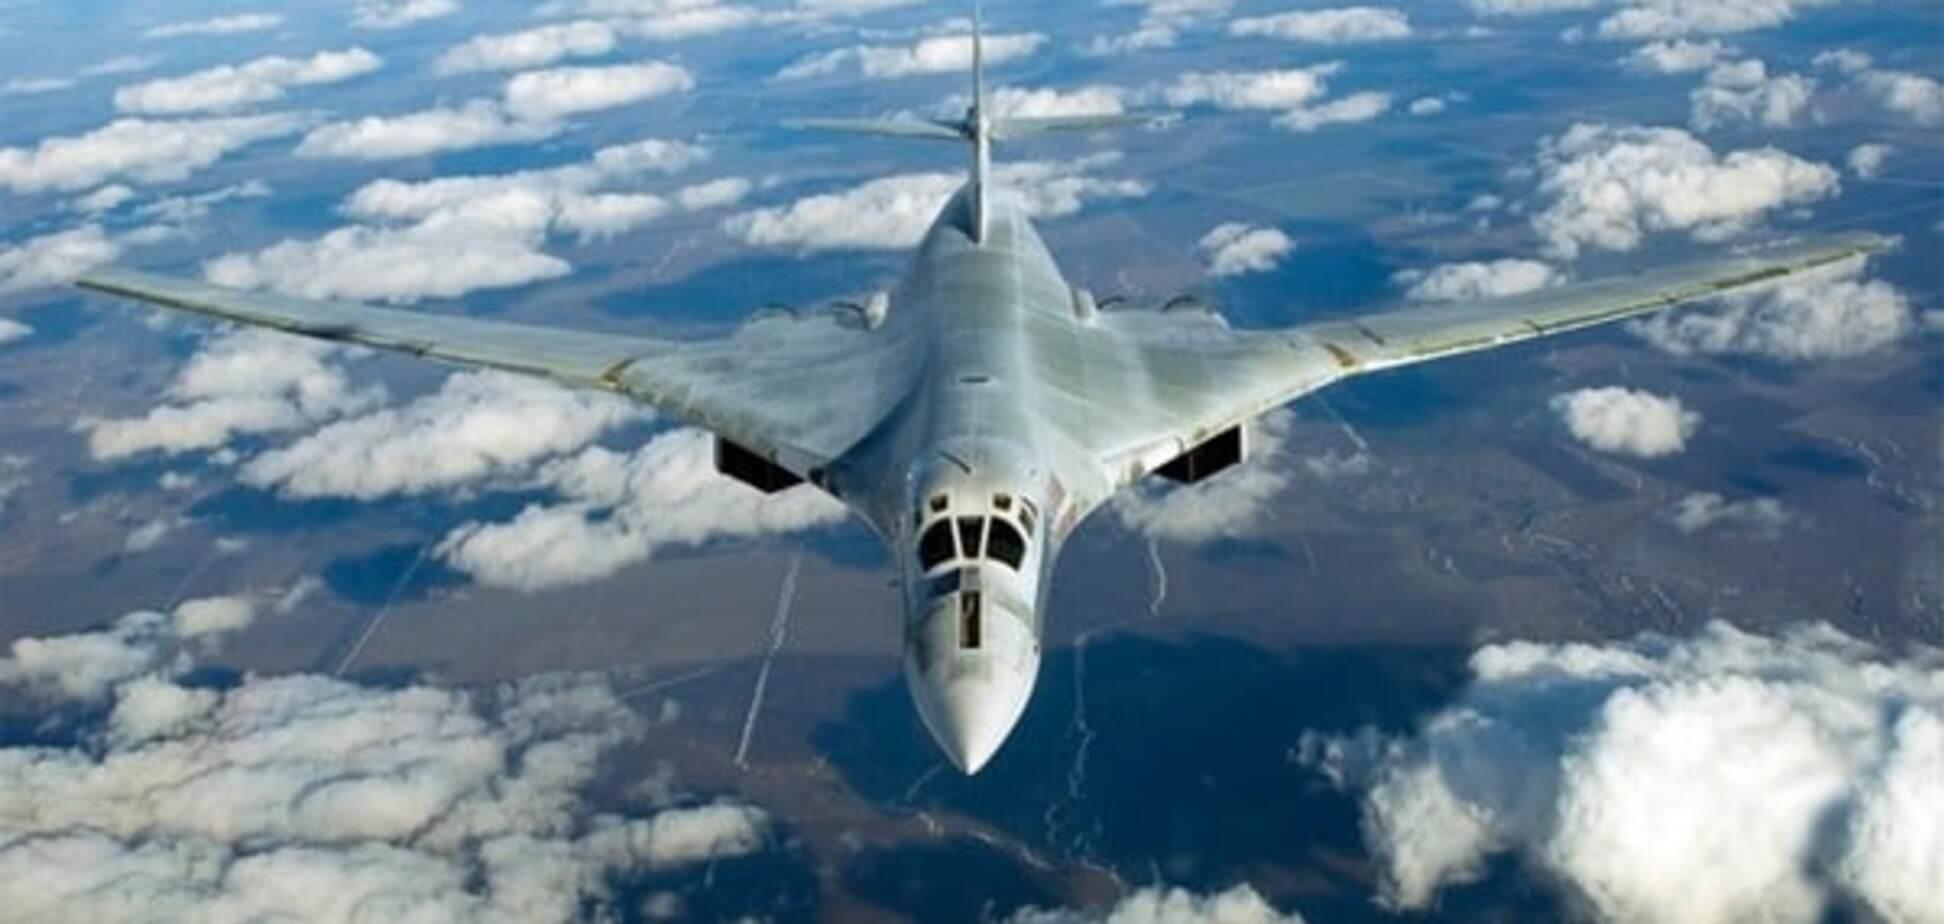 Натяк для НАТО: Росія здійснила розвідувально-ударну операцію в Чорному морі